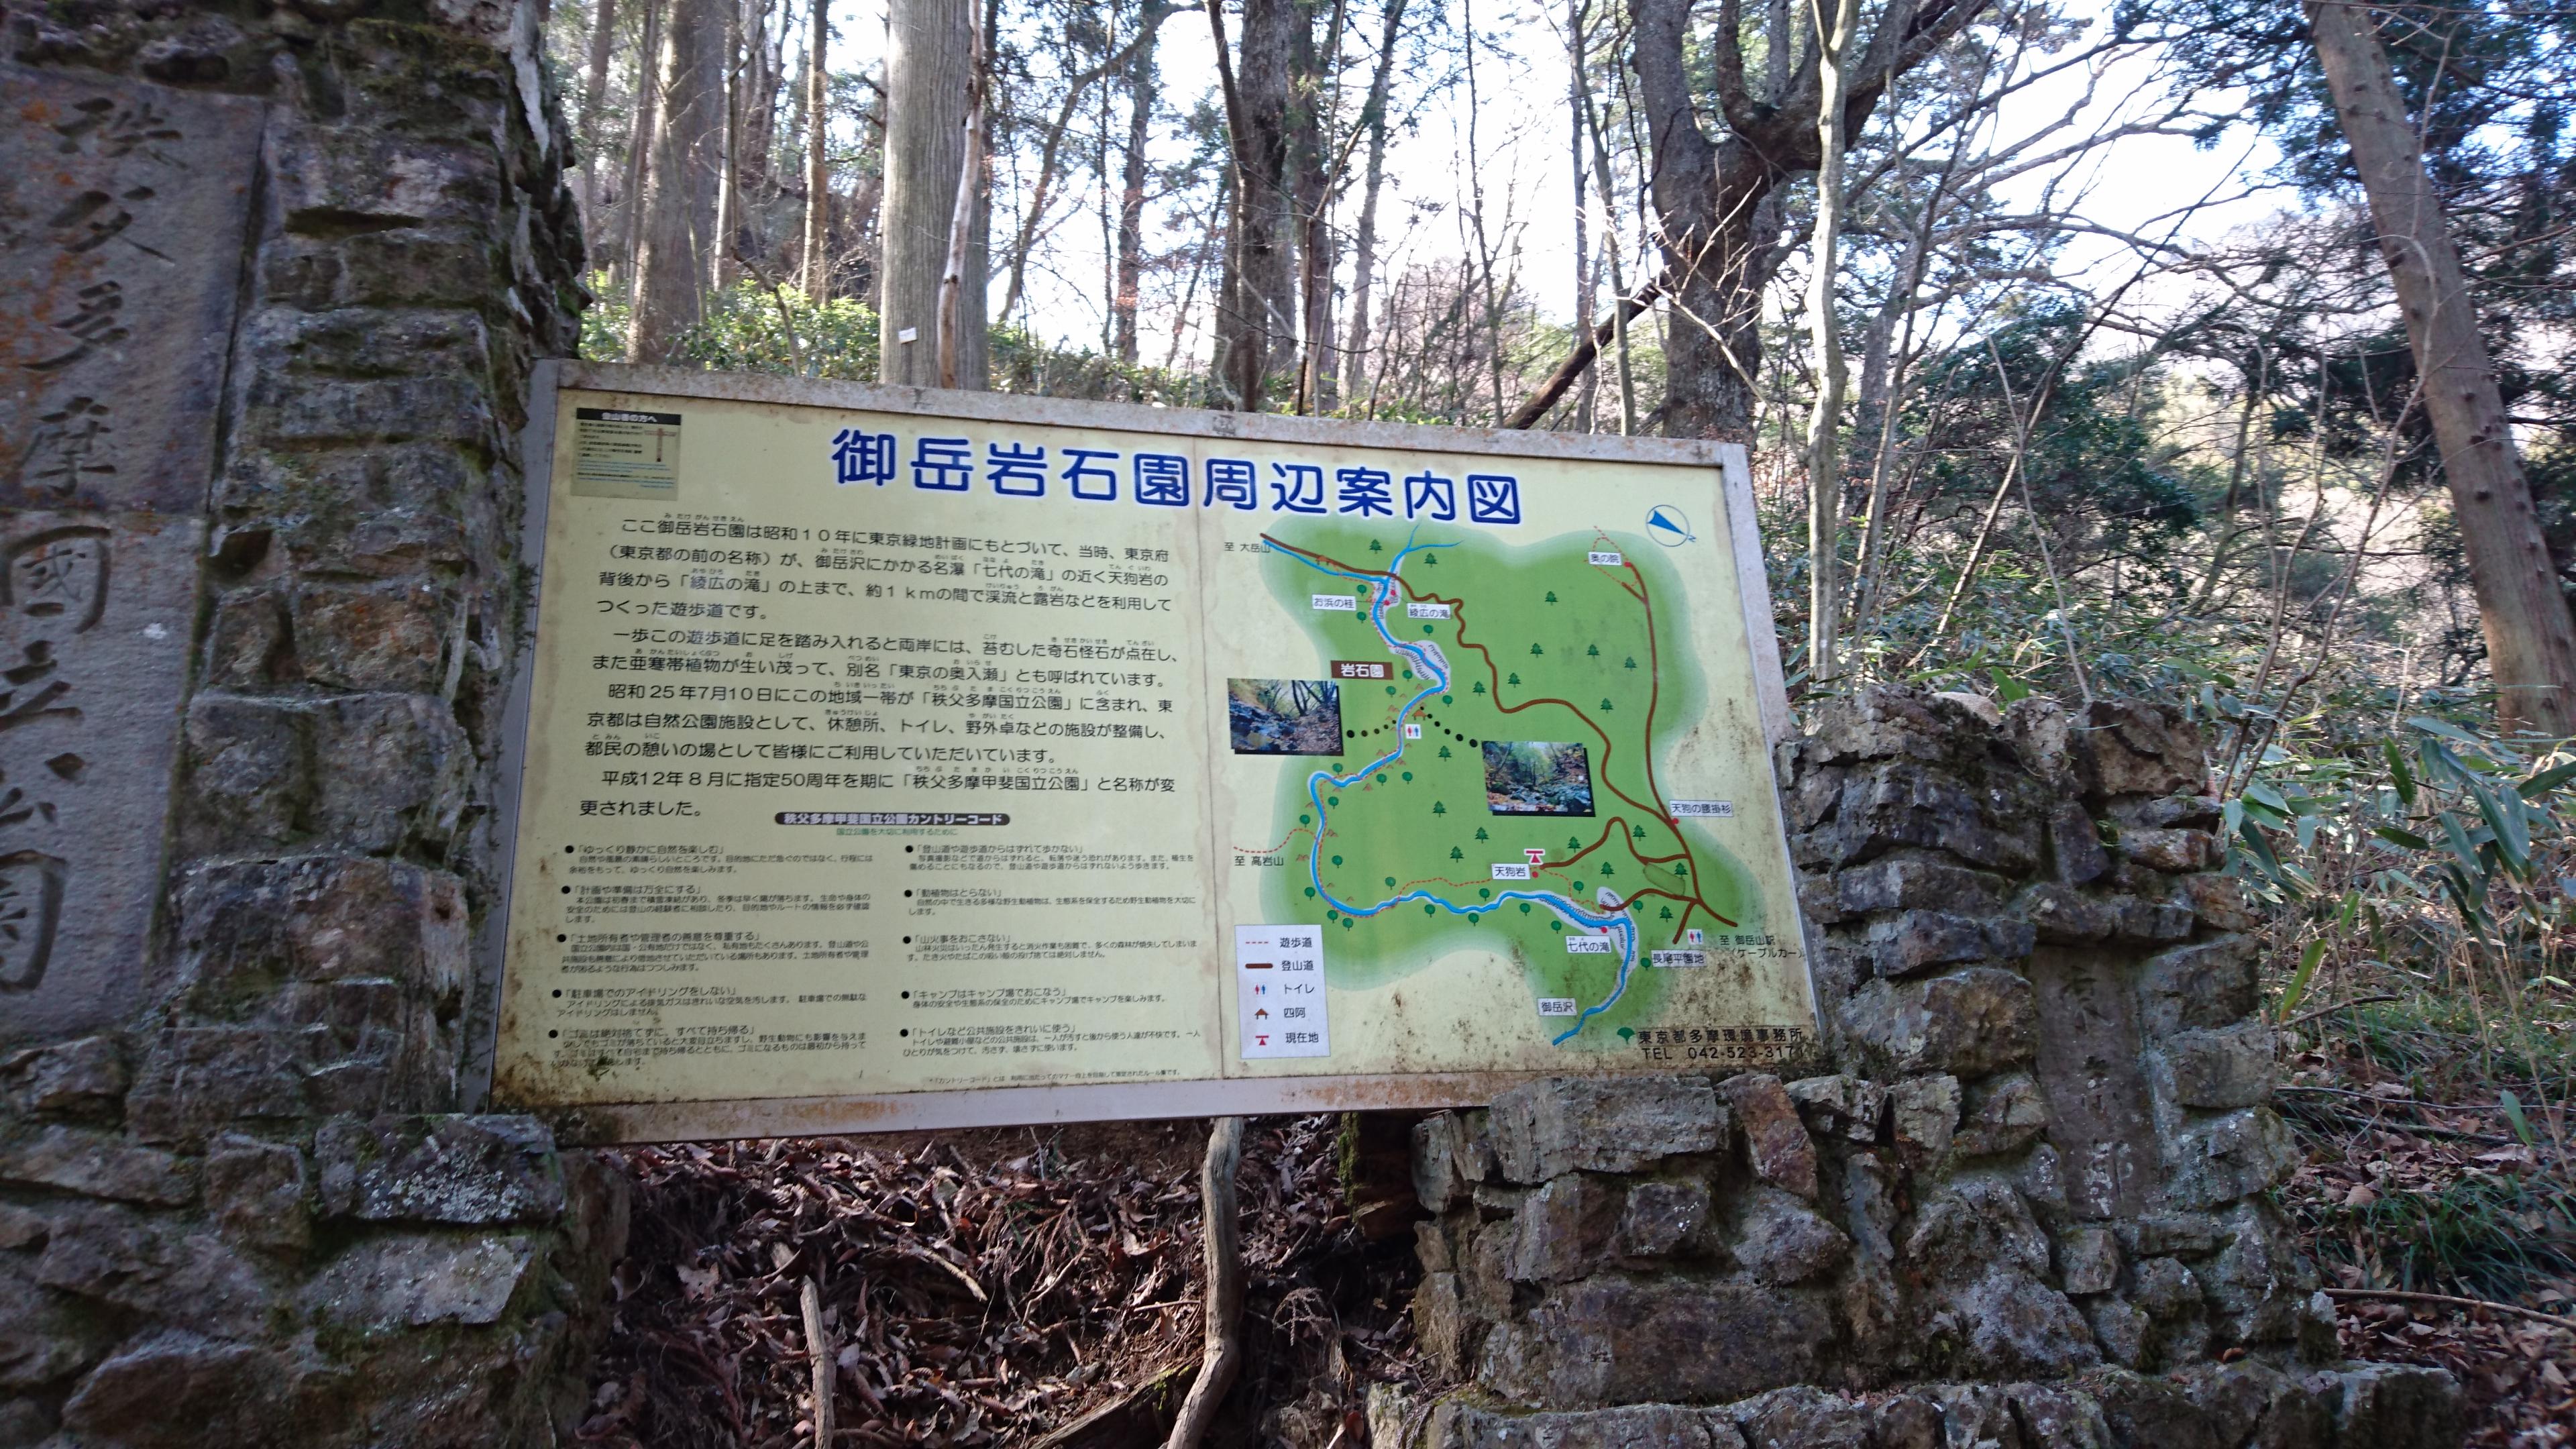 御岳岩石園周辺案内図